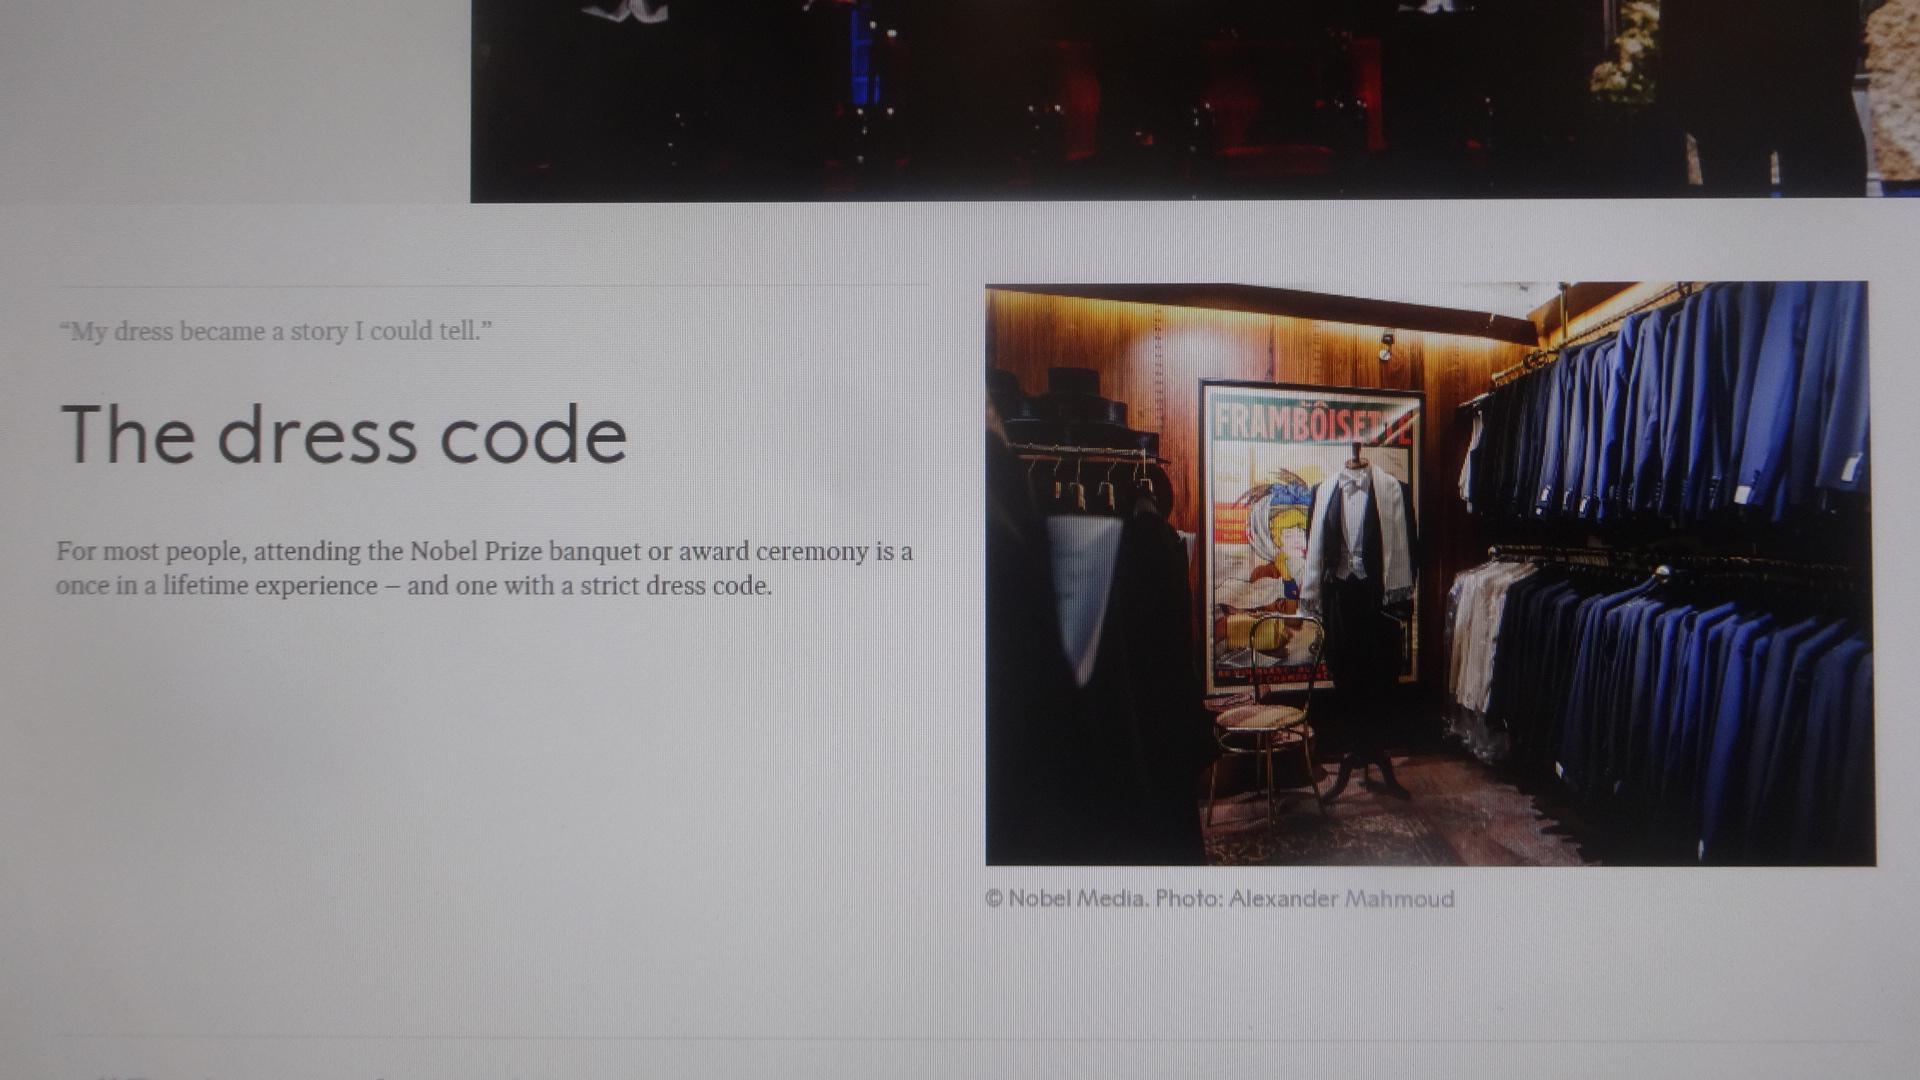 ドレスコードの指示書